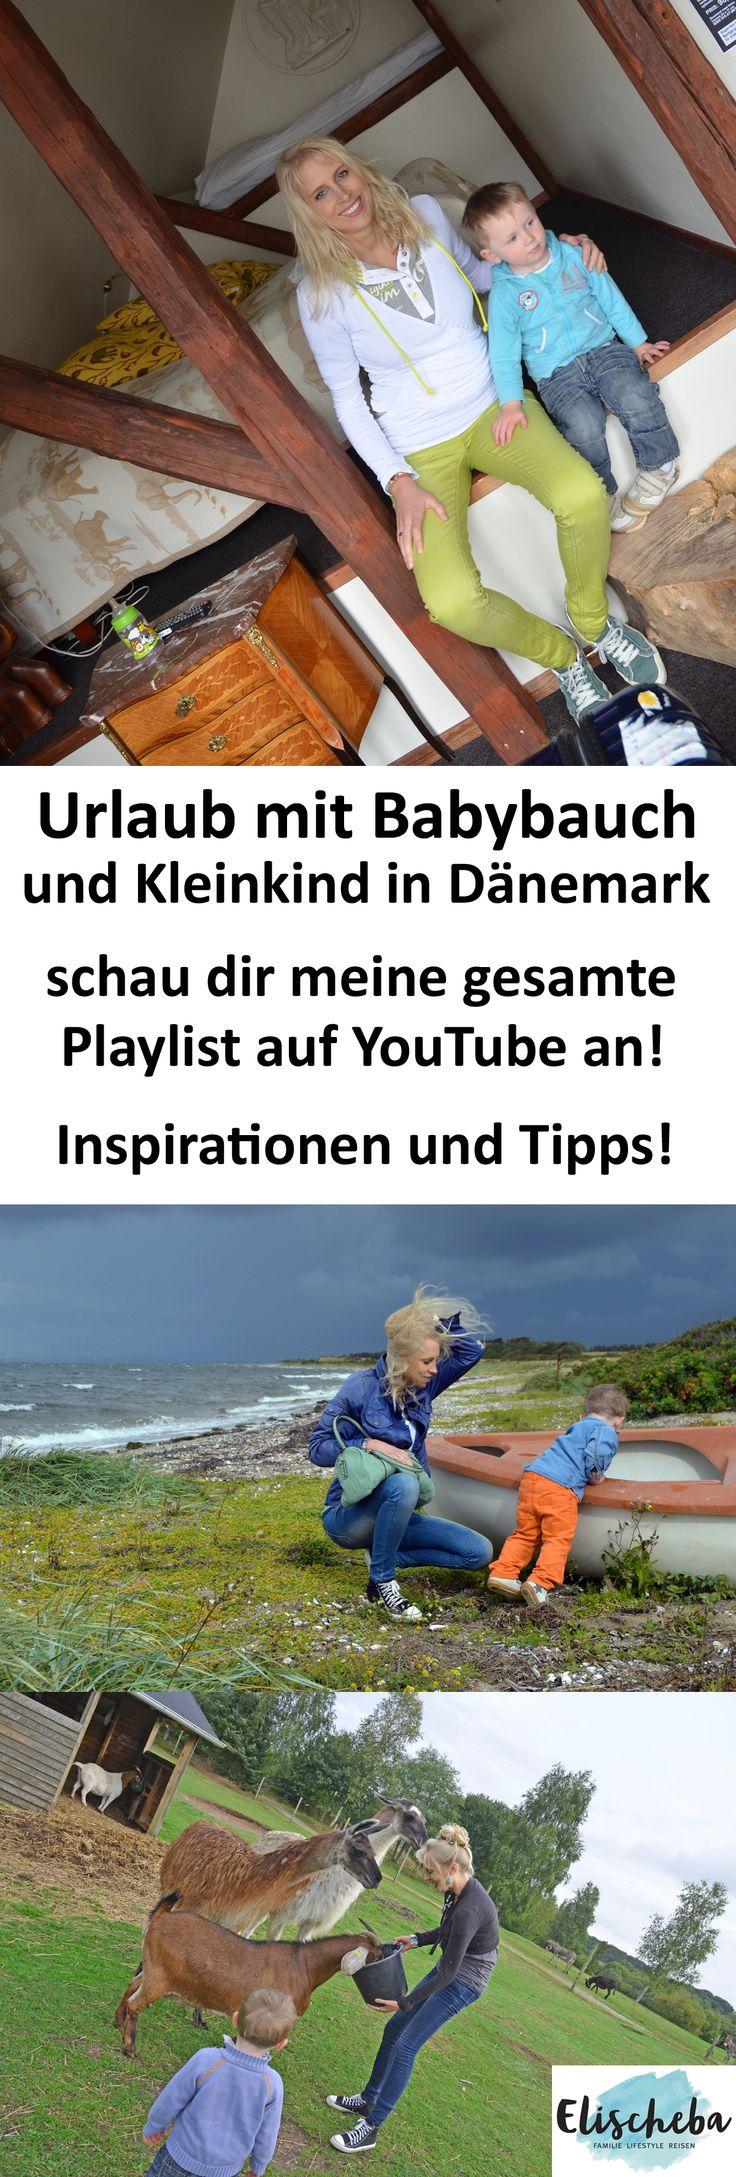 Wer ist Dänemark Fan? Hier meine Tipps für Familien. Mit Babybauch und Kleinkind (zwei Jahre). #family #daenemark #travel #reiseblog #youtuber #youtube